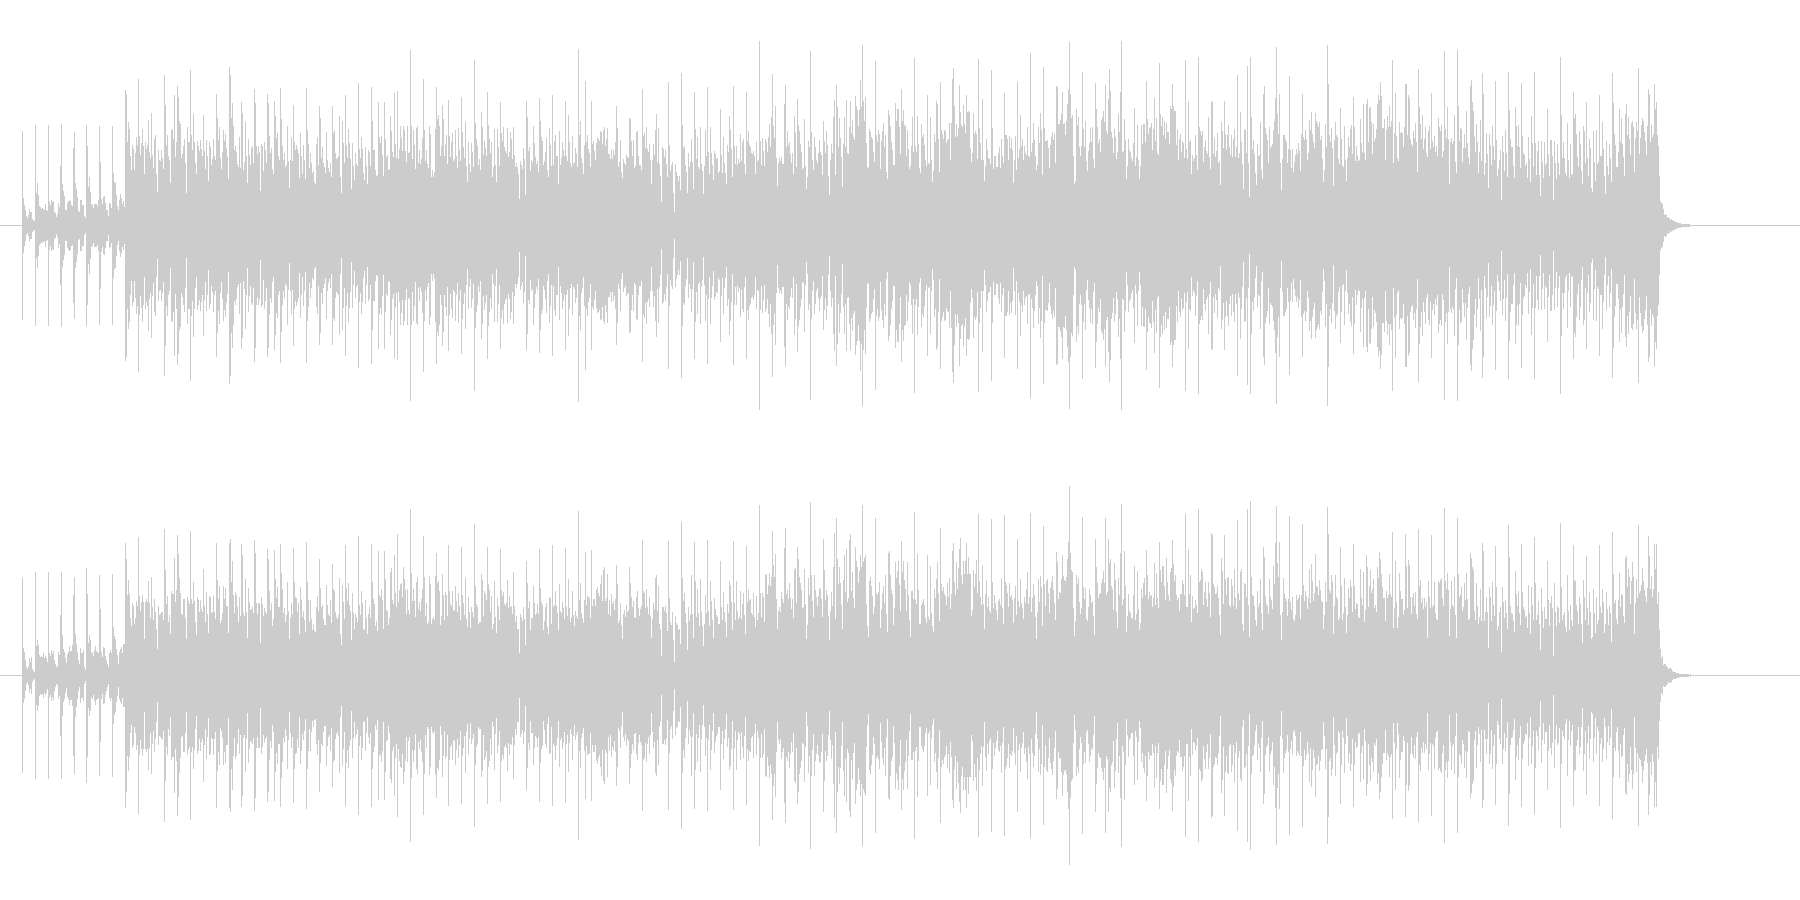 ラテン風味のユーロ・ハウス調の未再生の波形